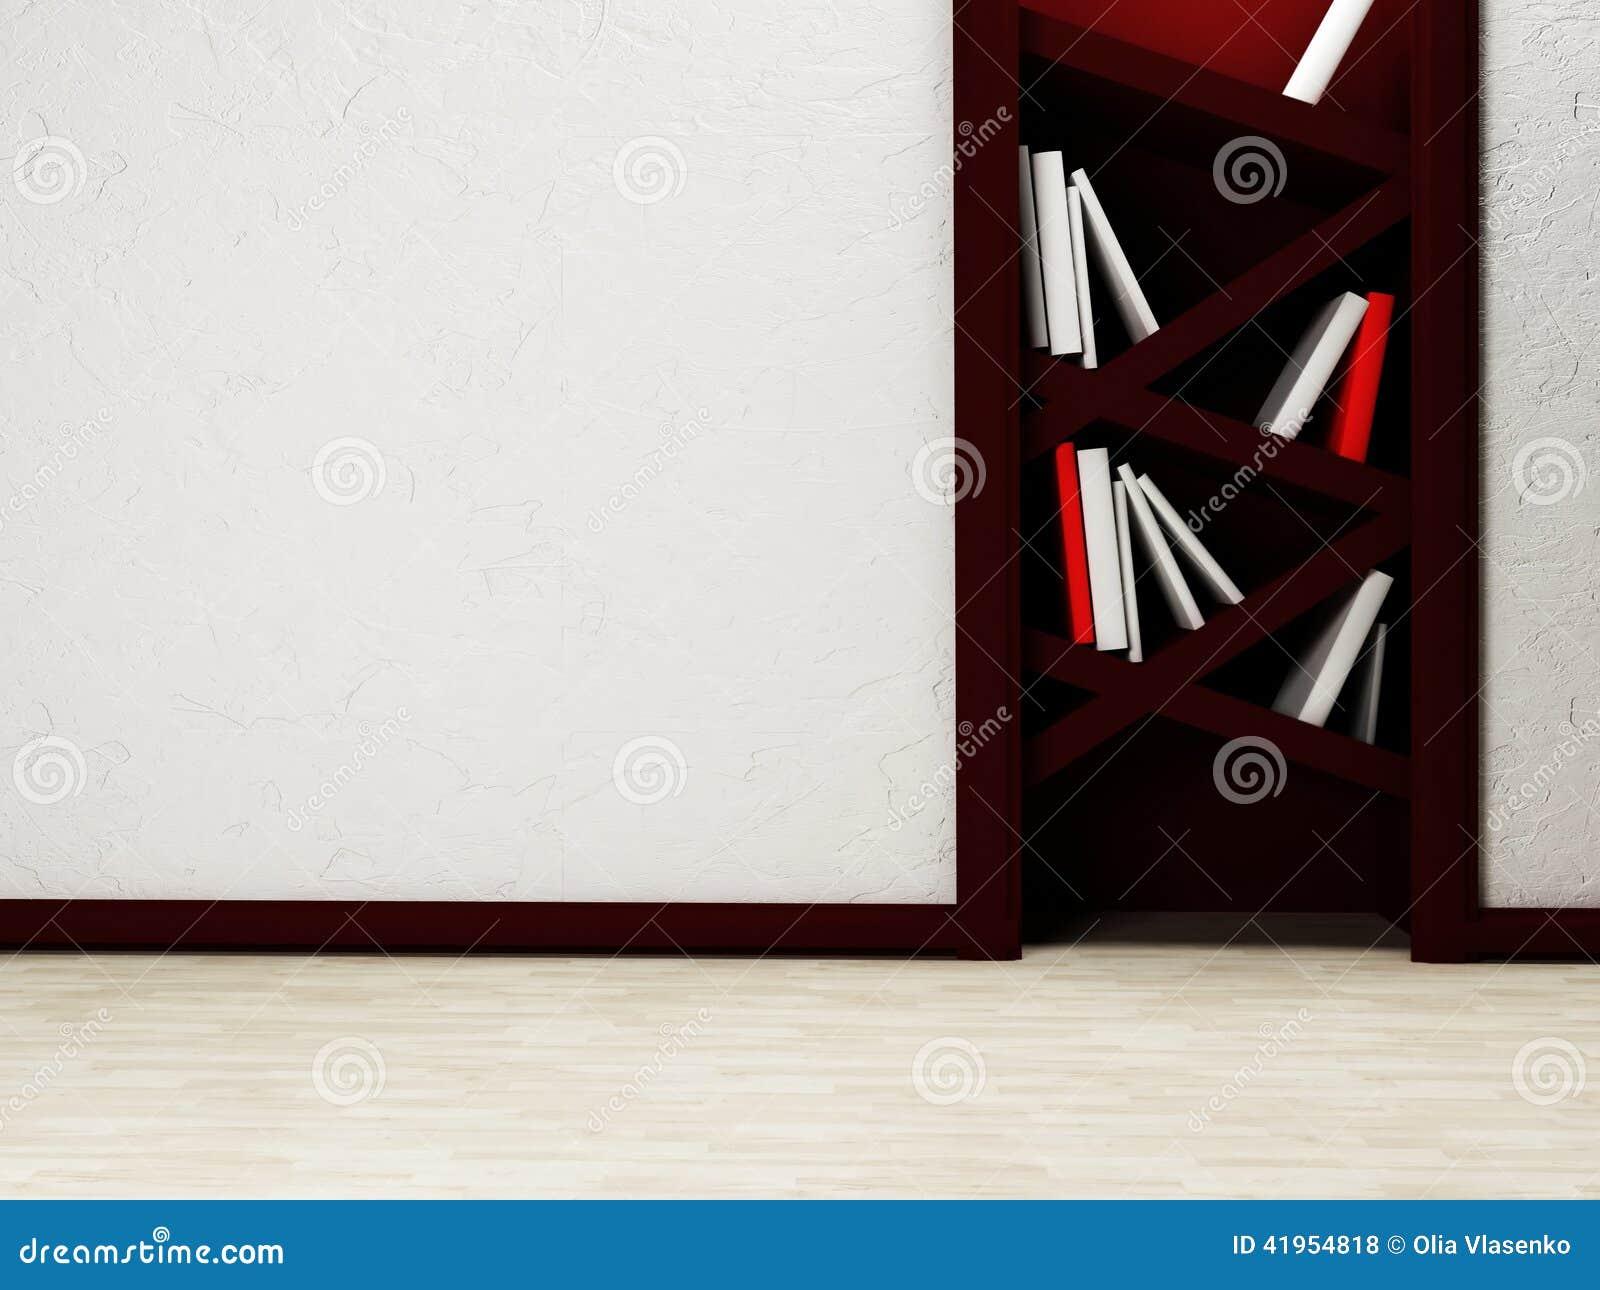 Książki są na koślawych półkach